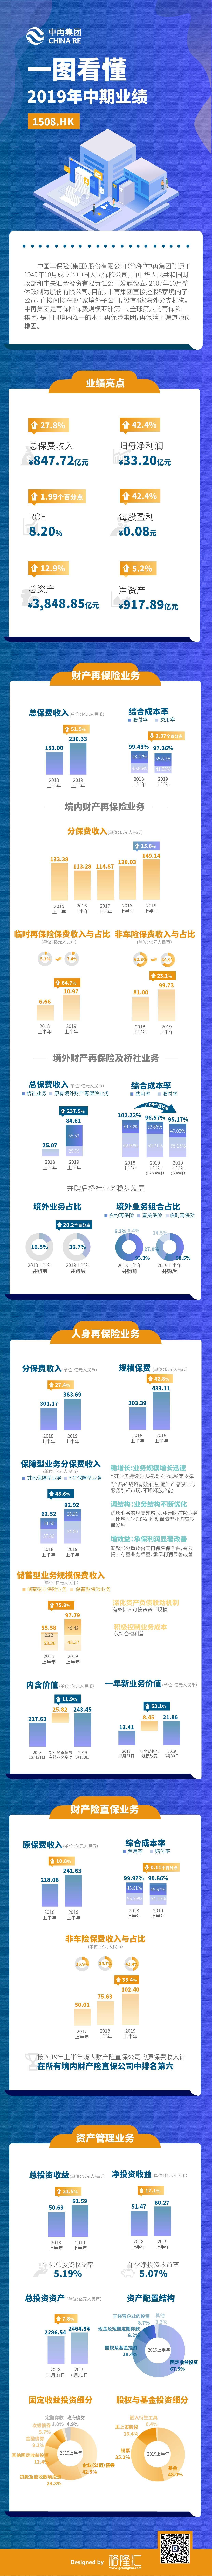 一图看懂中再集团(01508.HK)2019年中期业绩